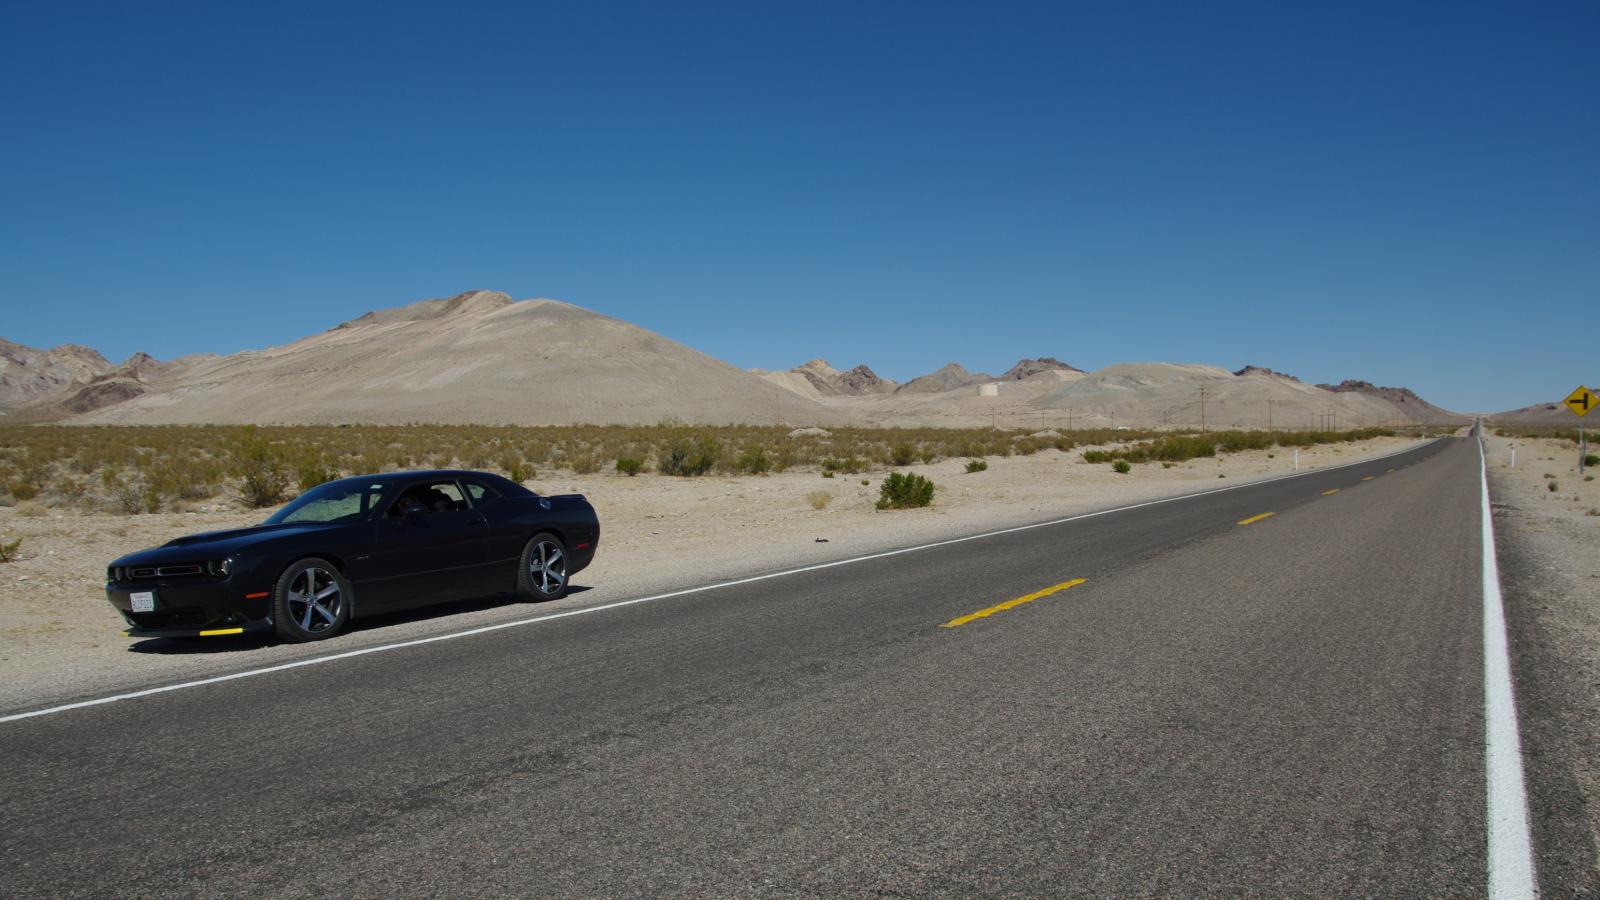 Road Trip / Ouest des USA en Challenger de location -Part II Imgpk243